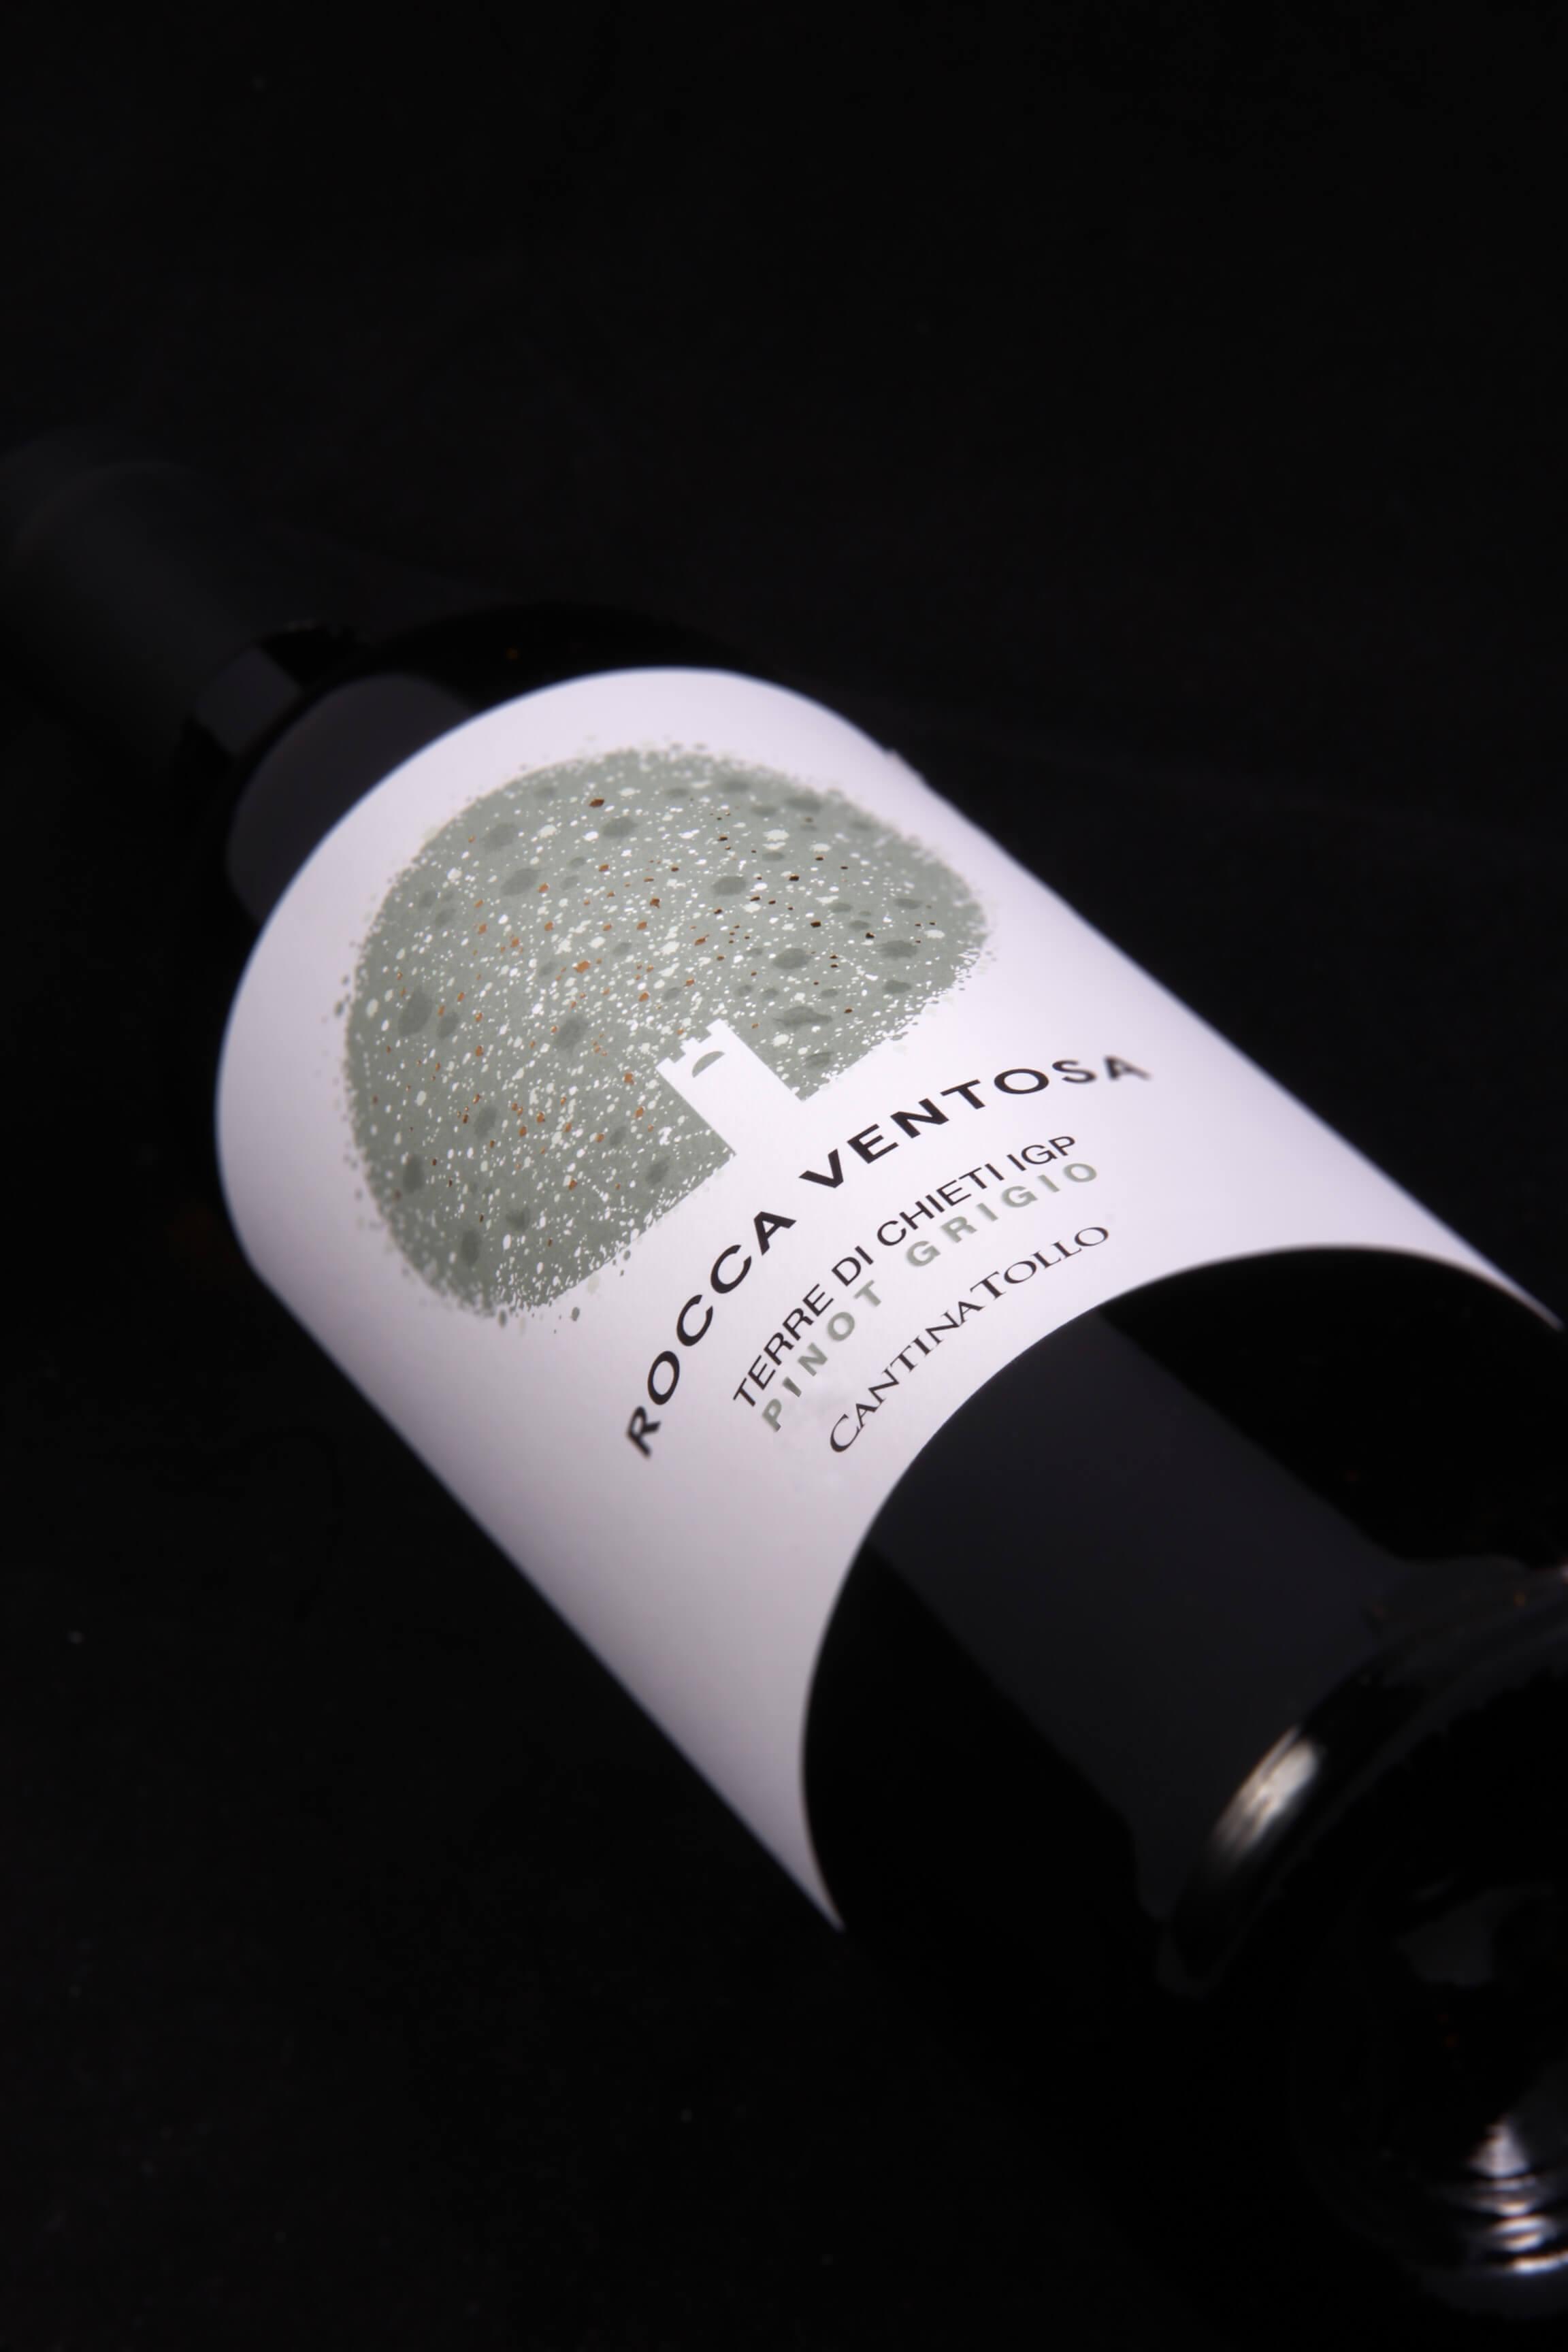 vino_nostrum-importadora_de_vinos_y_alimentos_ok38